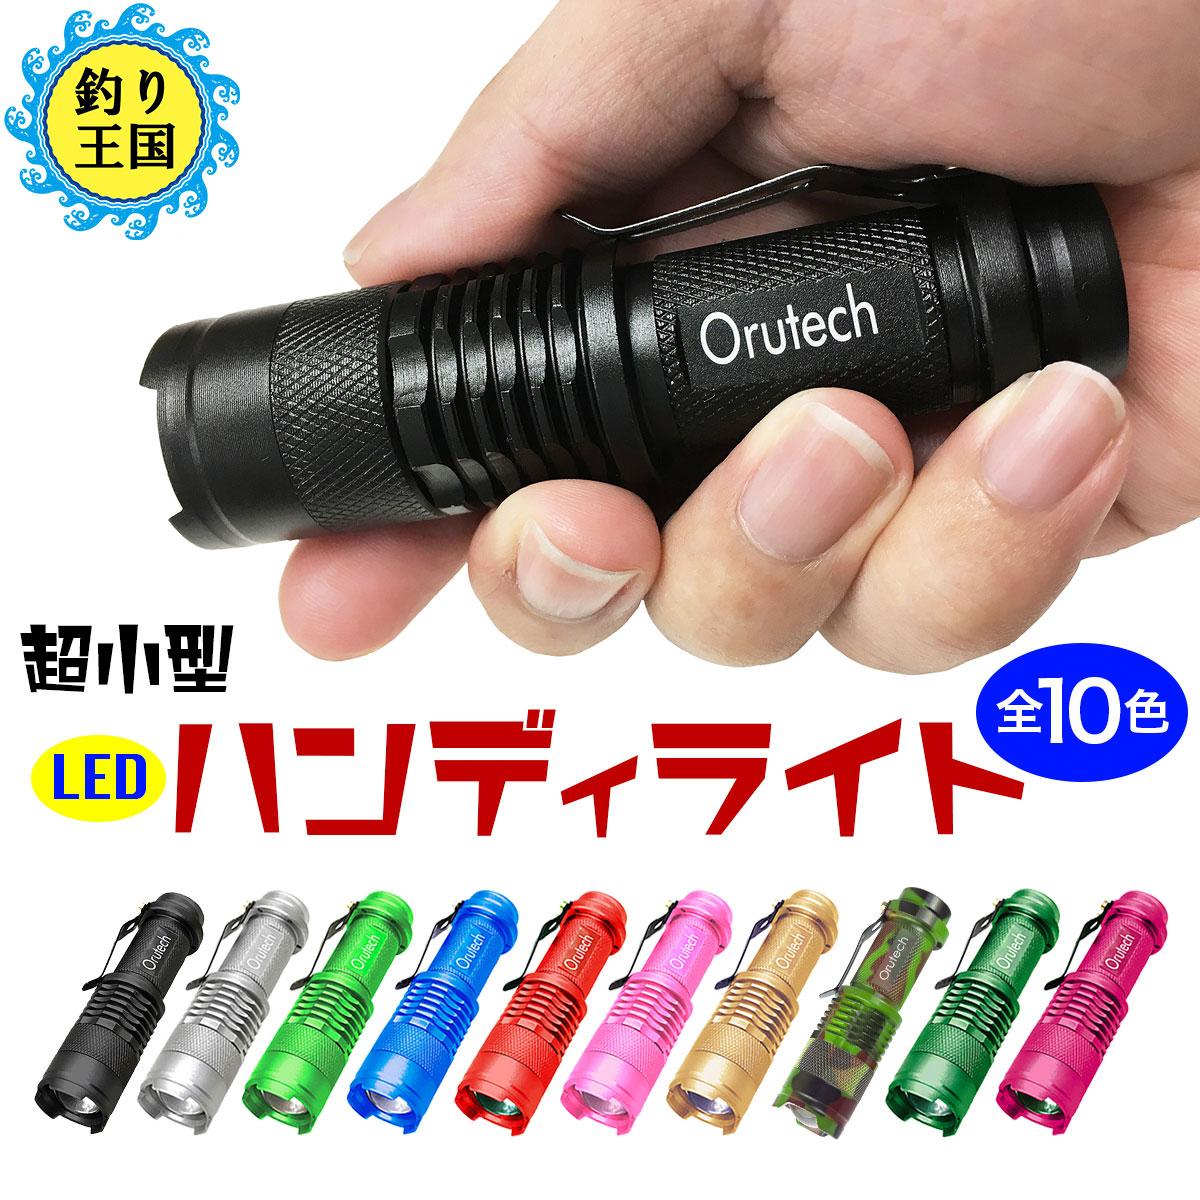 人気の防災常備品! 超小型 LED ハンディライト 懐中電灯 ズームフォーカス機能付き